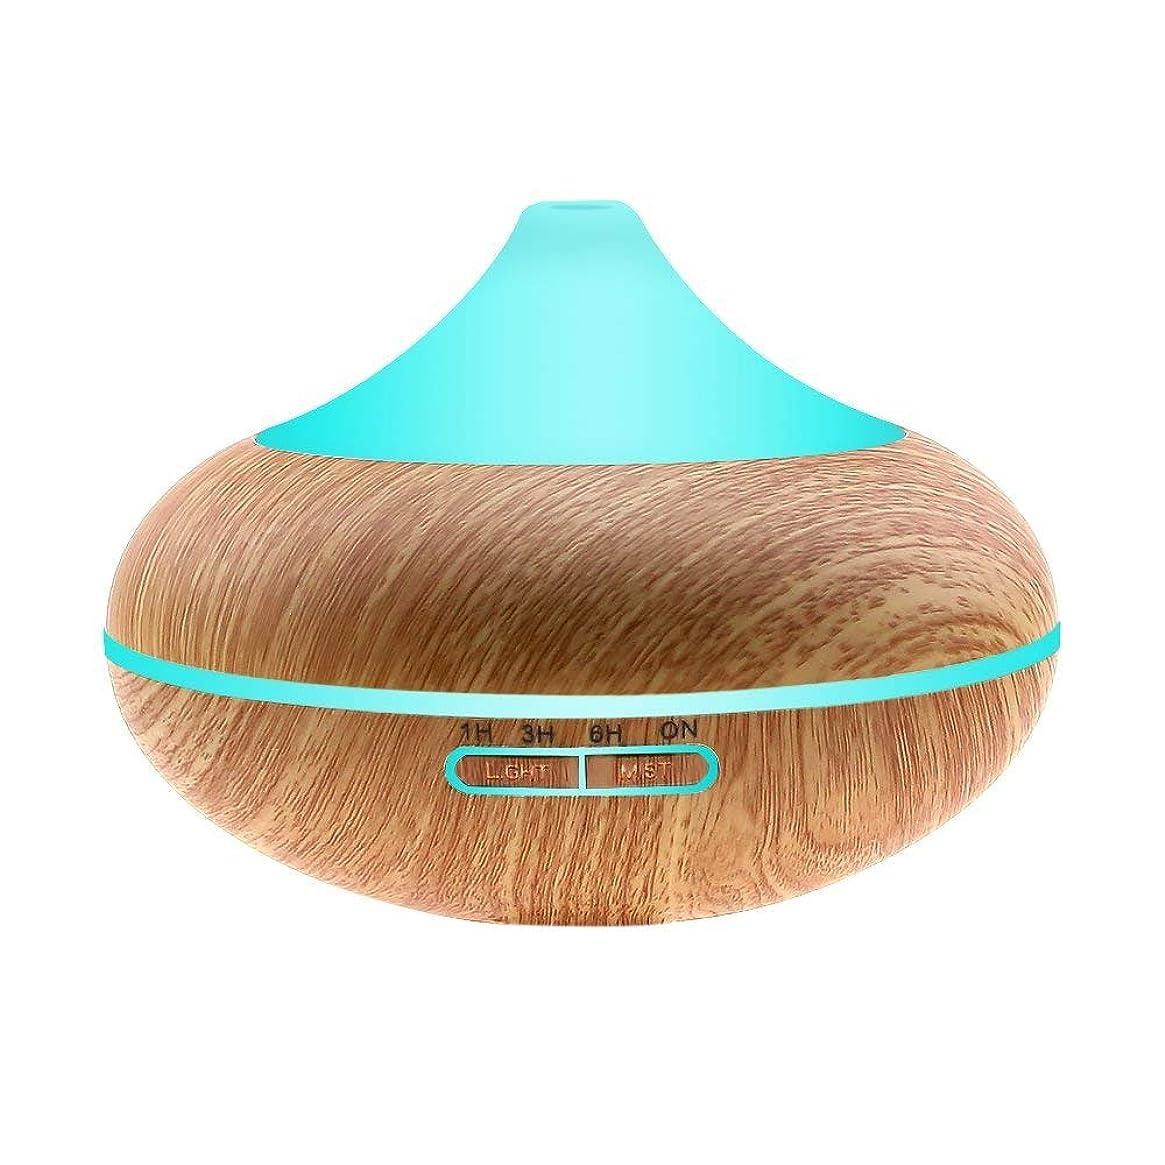 ロードハウスピンチボルトiBazal アロマディフューザー 加湿器 卓上加湿器 アロマ加湿器 USB 超音波式 空気清浄機 乾燥対策 空気浄化 ストレス解消 ミスト木目調 大容量450 7色変換LED搭載 時間設定